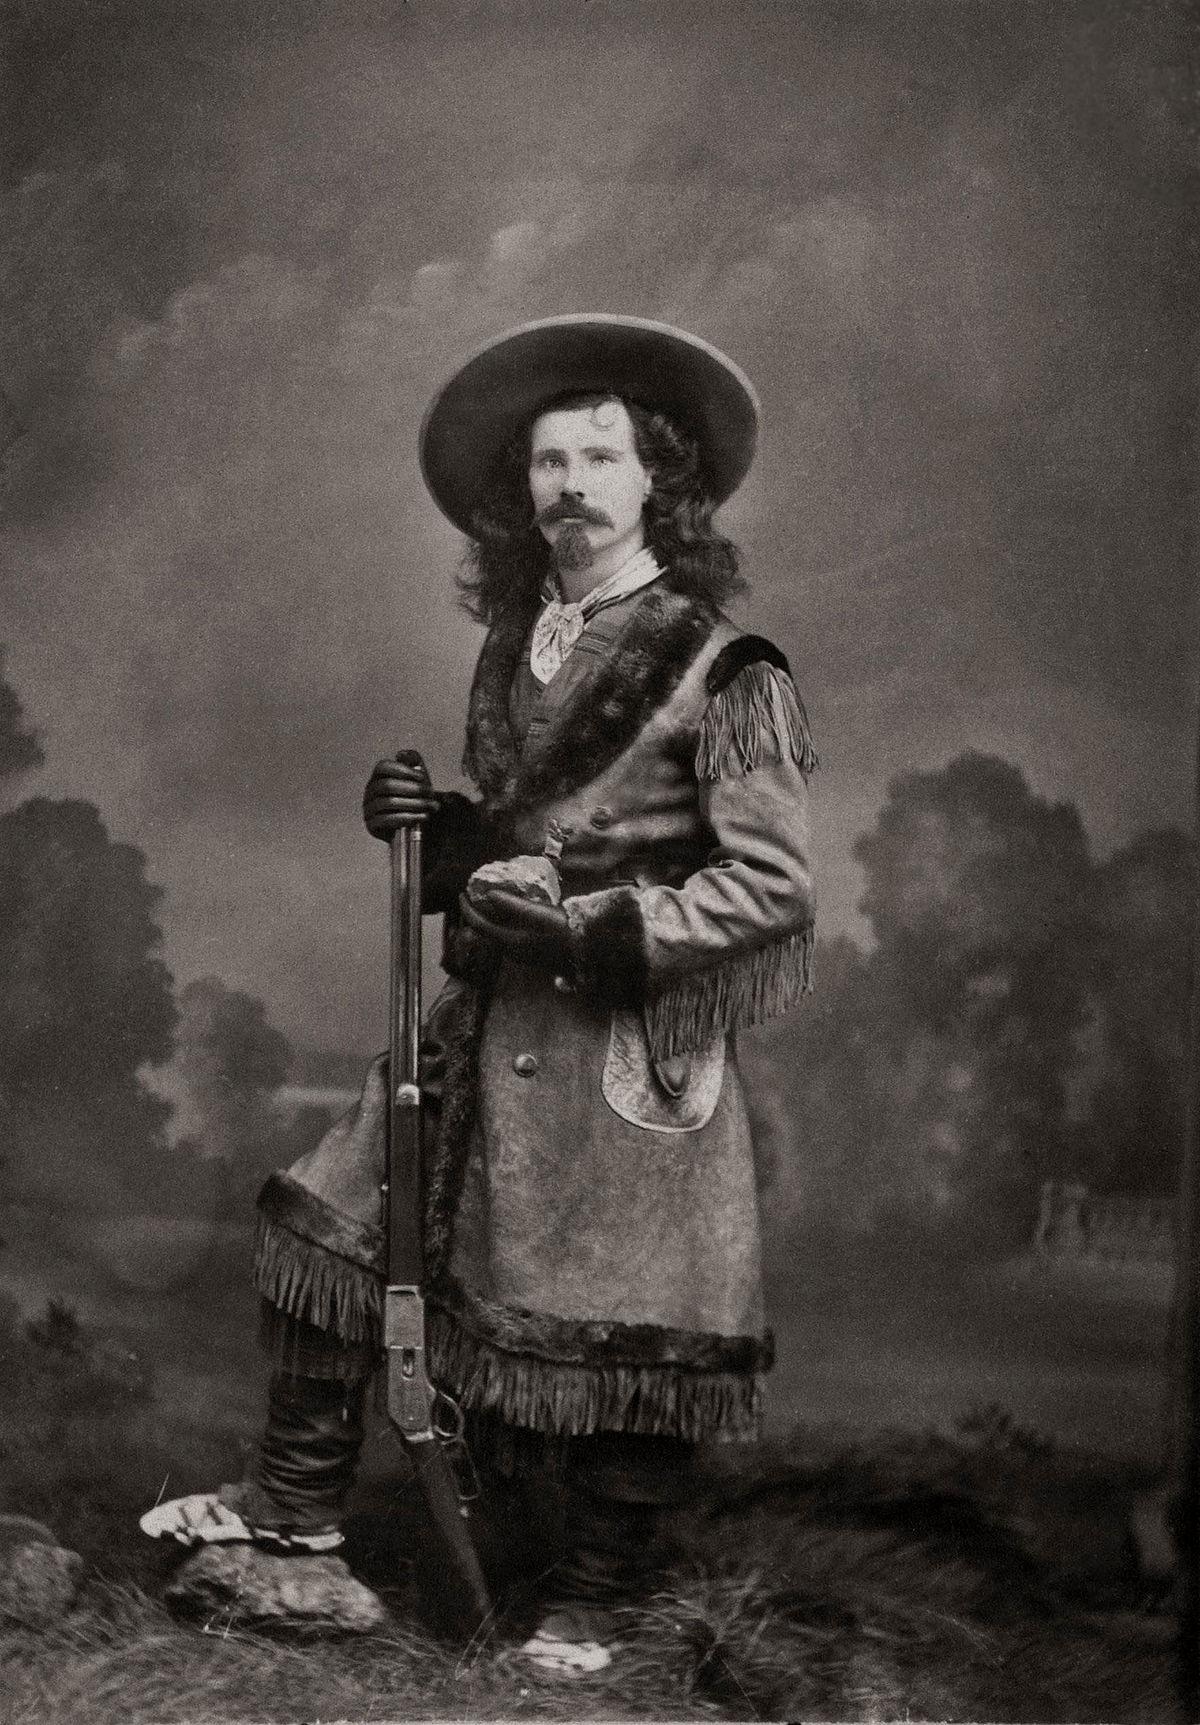 John Wallace Crawford